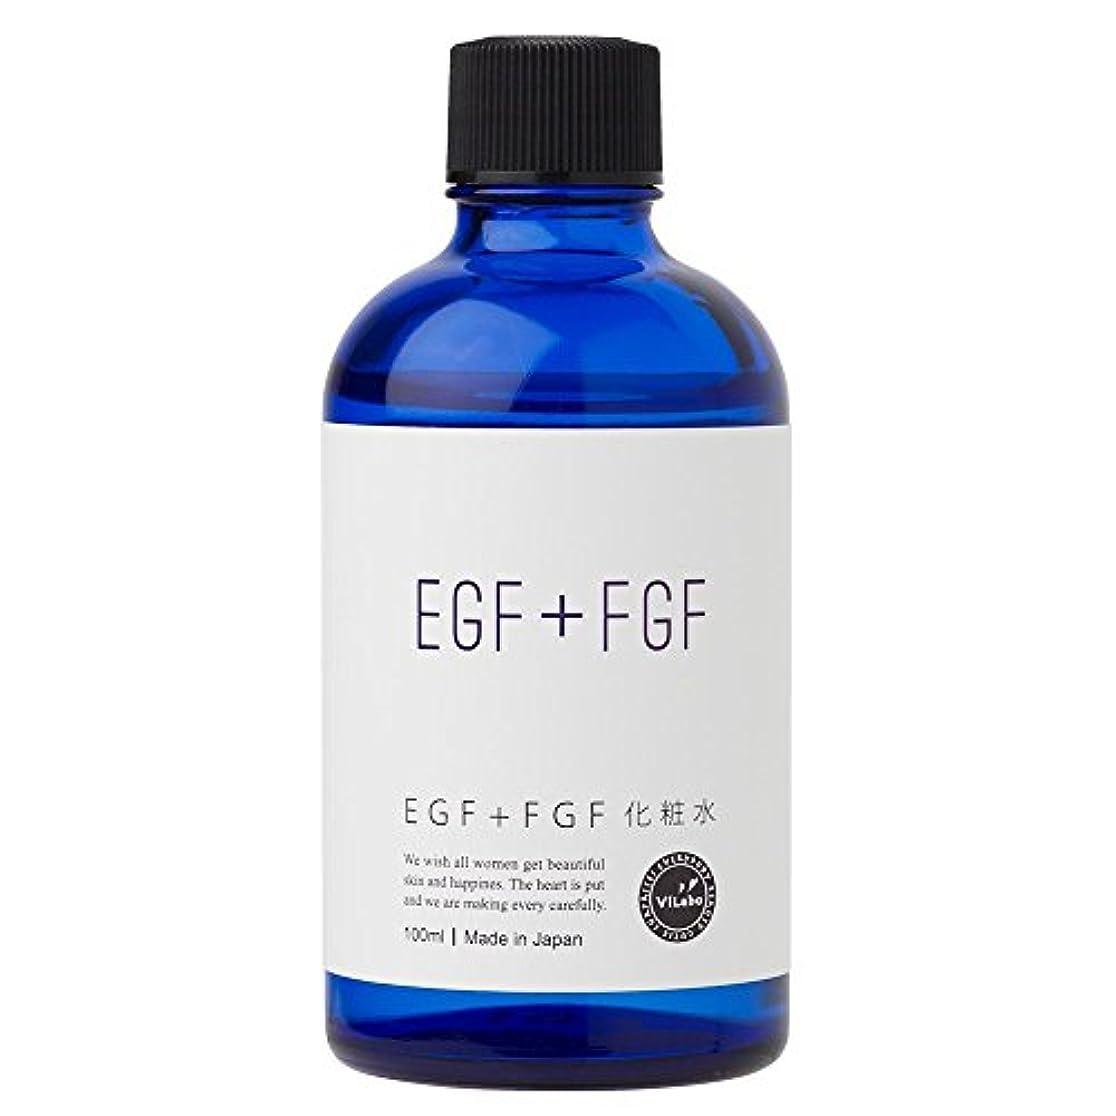 開発植物学者花束ViLabo EGF+FGF化粧水 (ハッピーローションEF)100ml 通常ボトル ビラボ